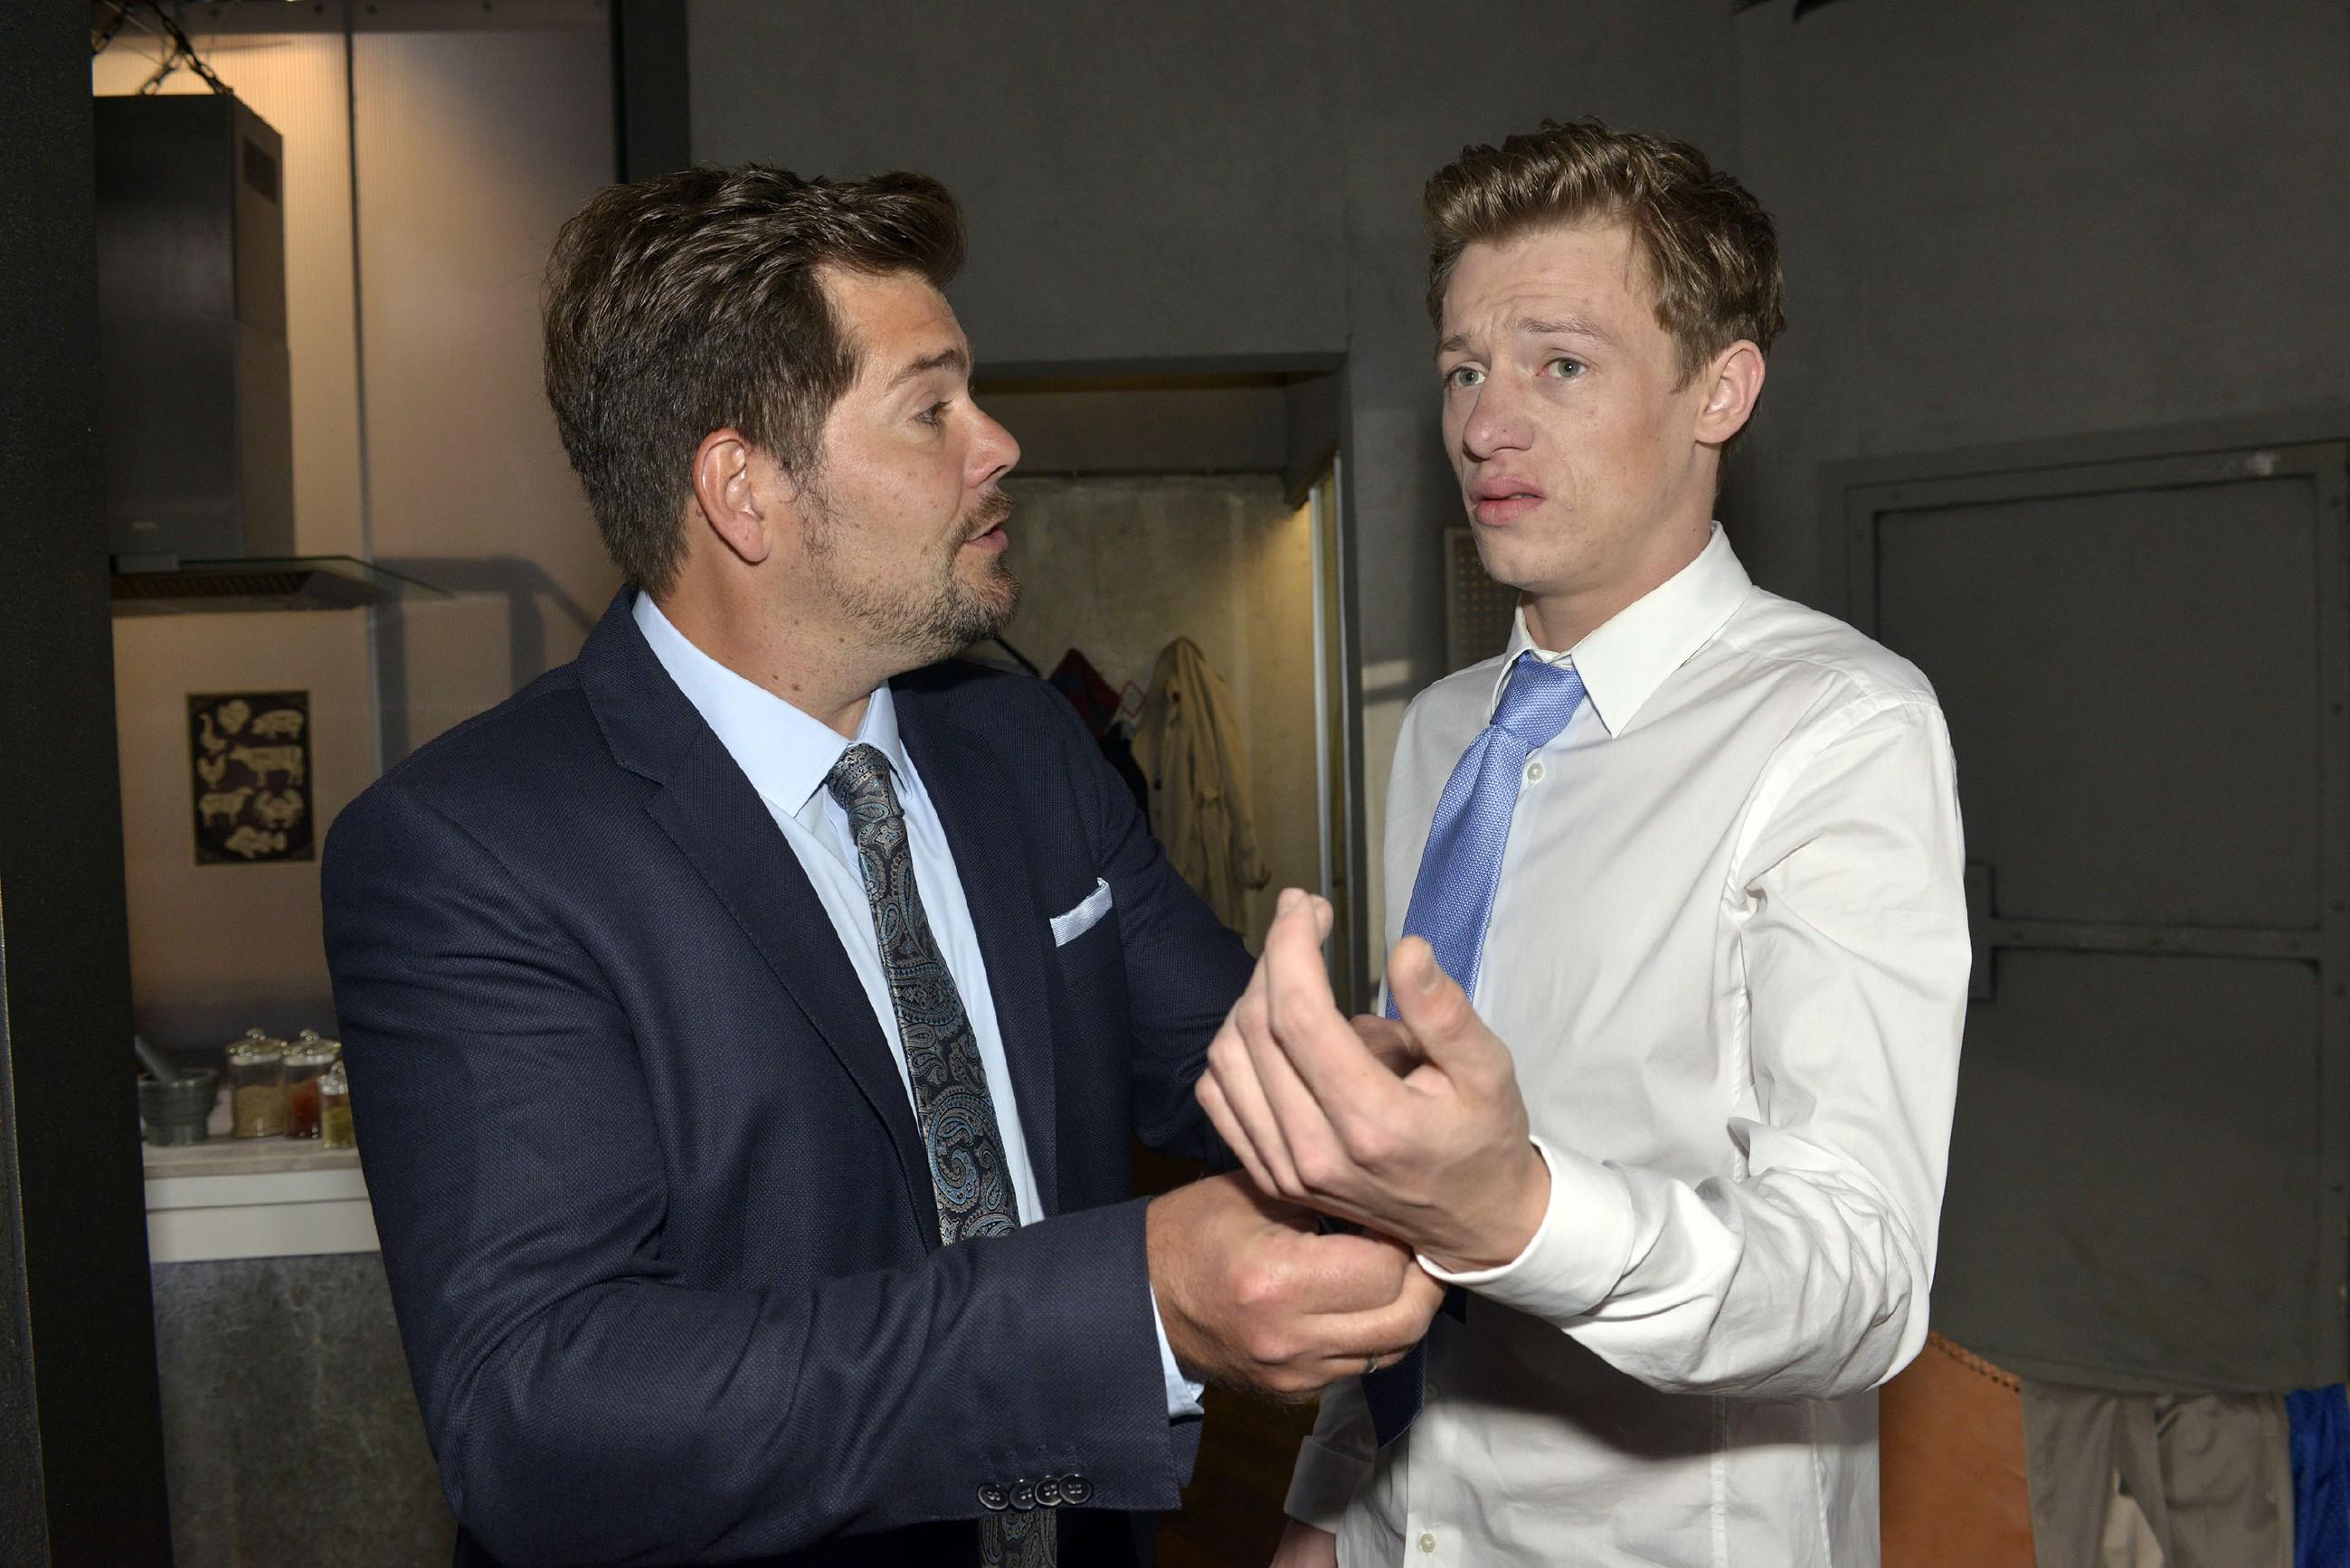 Leon (Daniel Fehlow, l.) bemerkt, wie nervös Vince (Vincent Krüger) vor der Trauung ist.